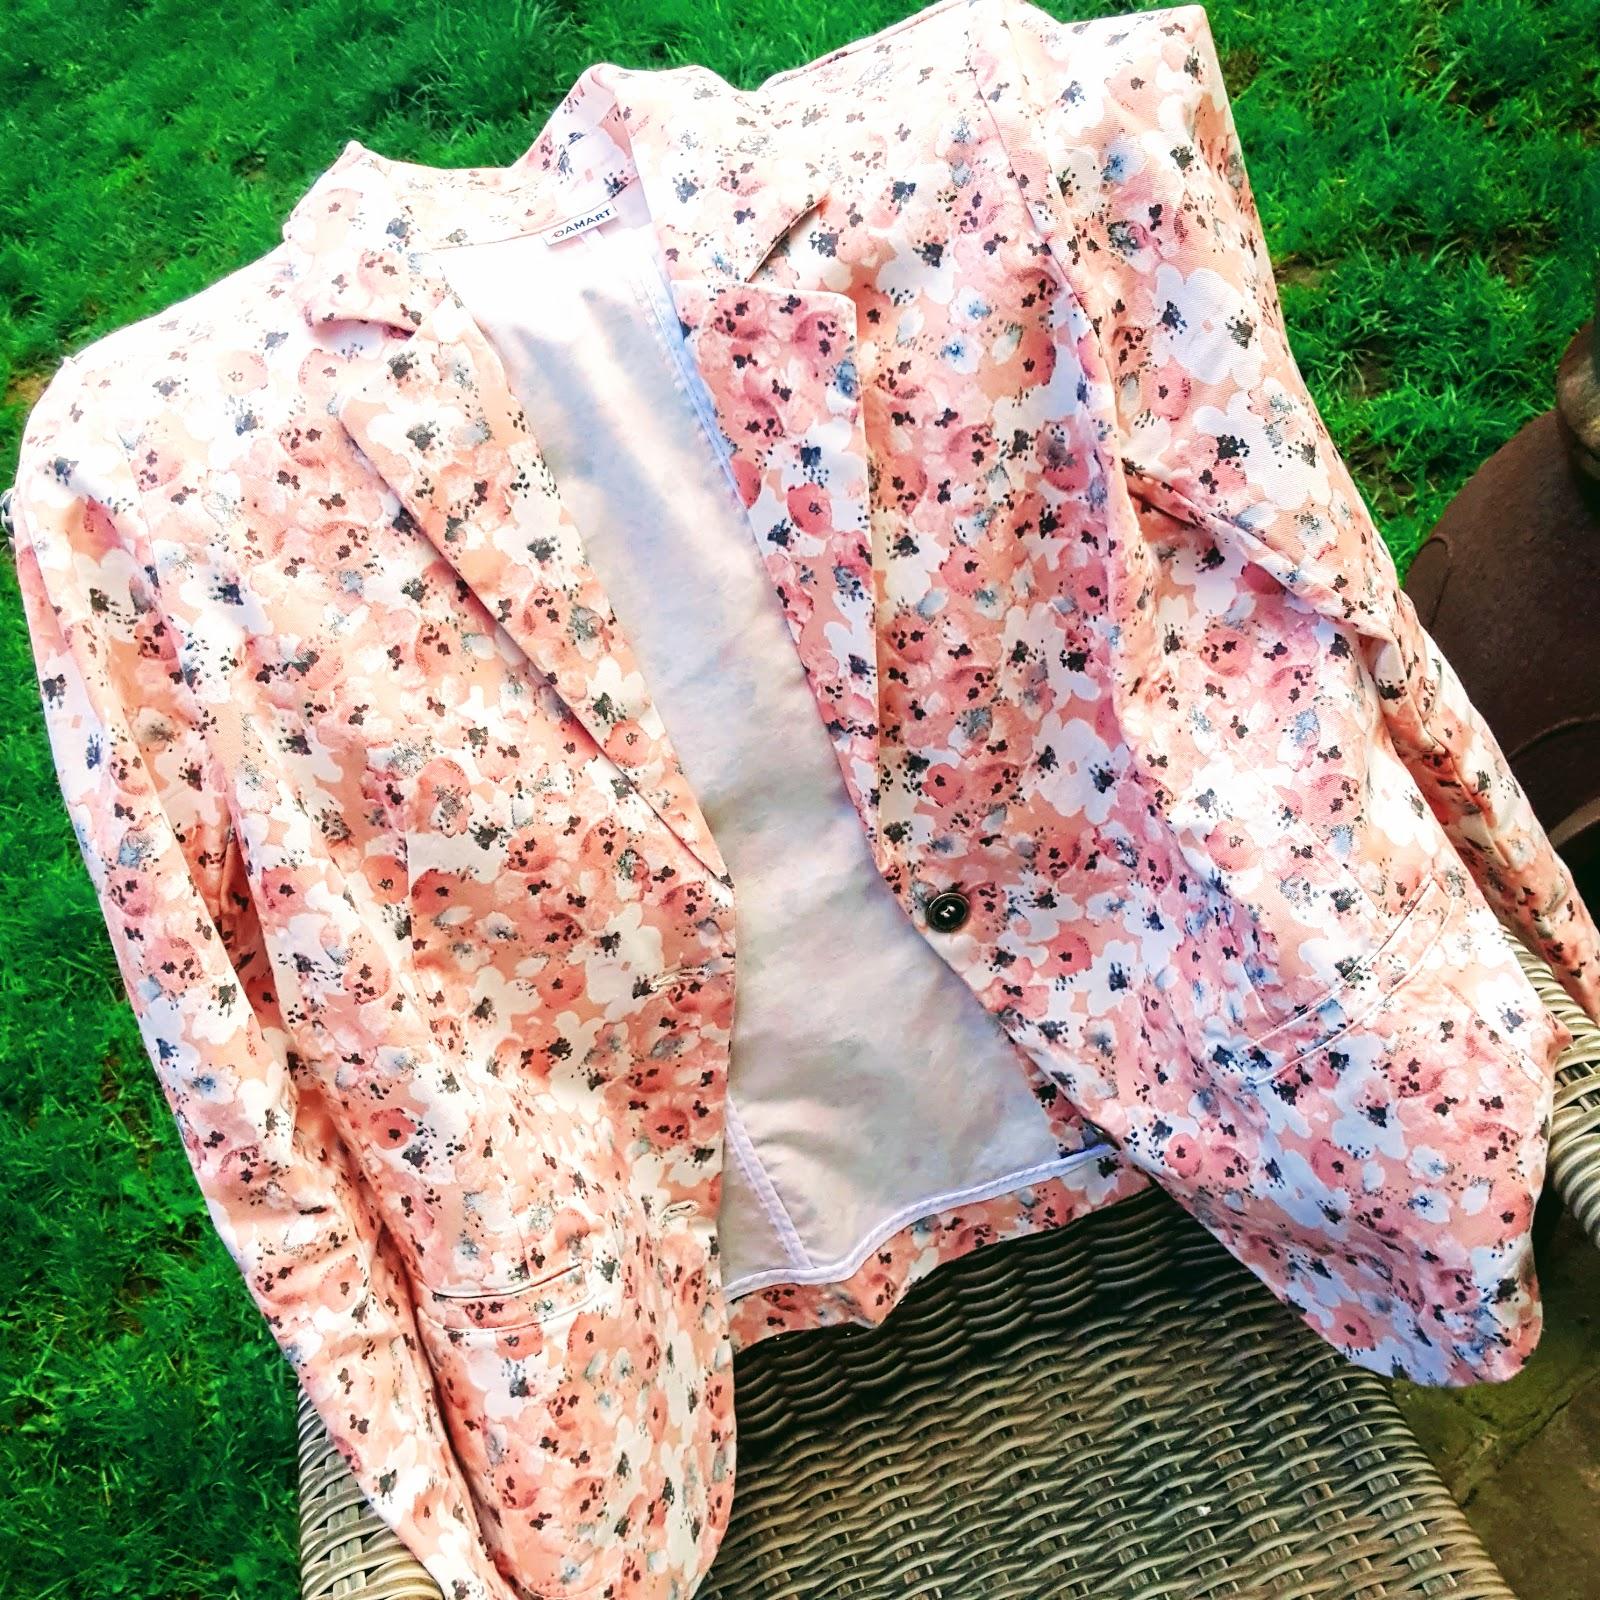 Damart Spring Floral Blazer Review: